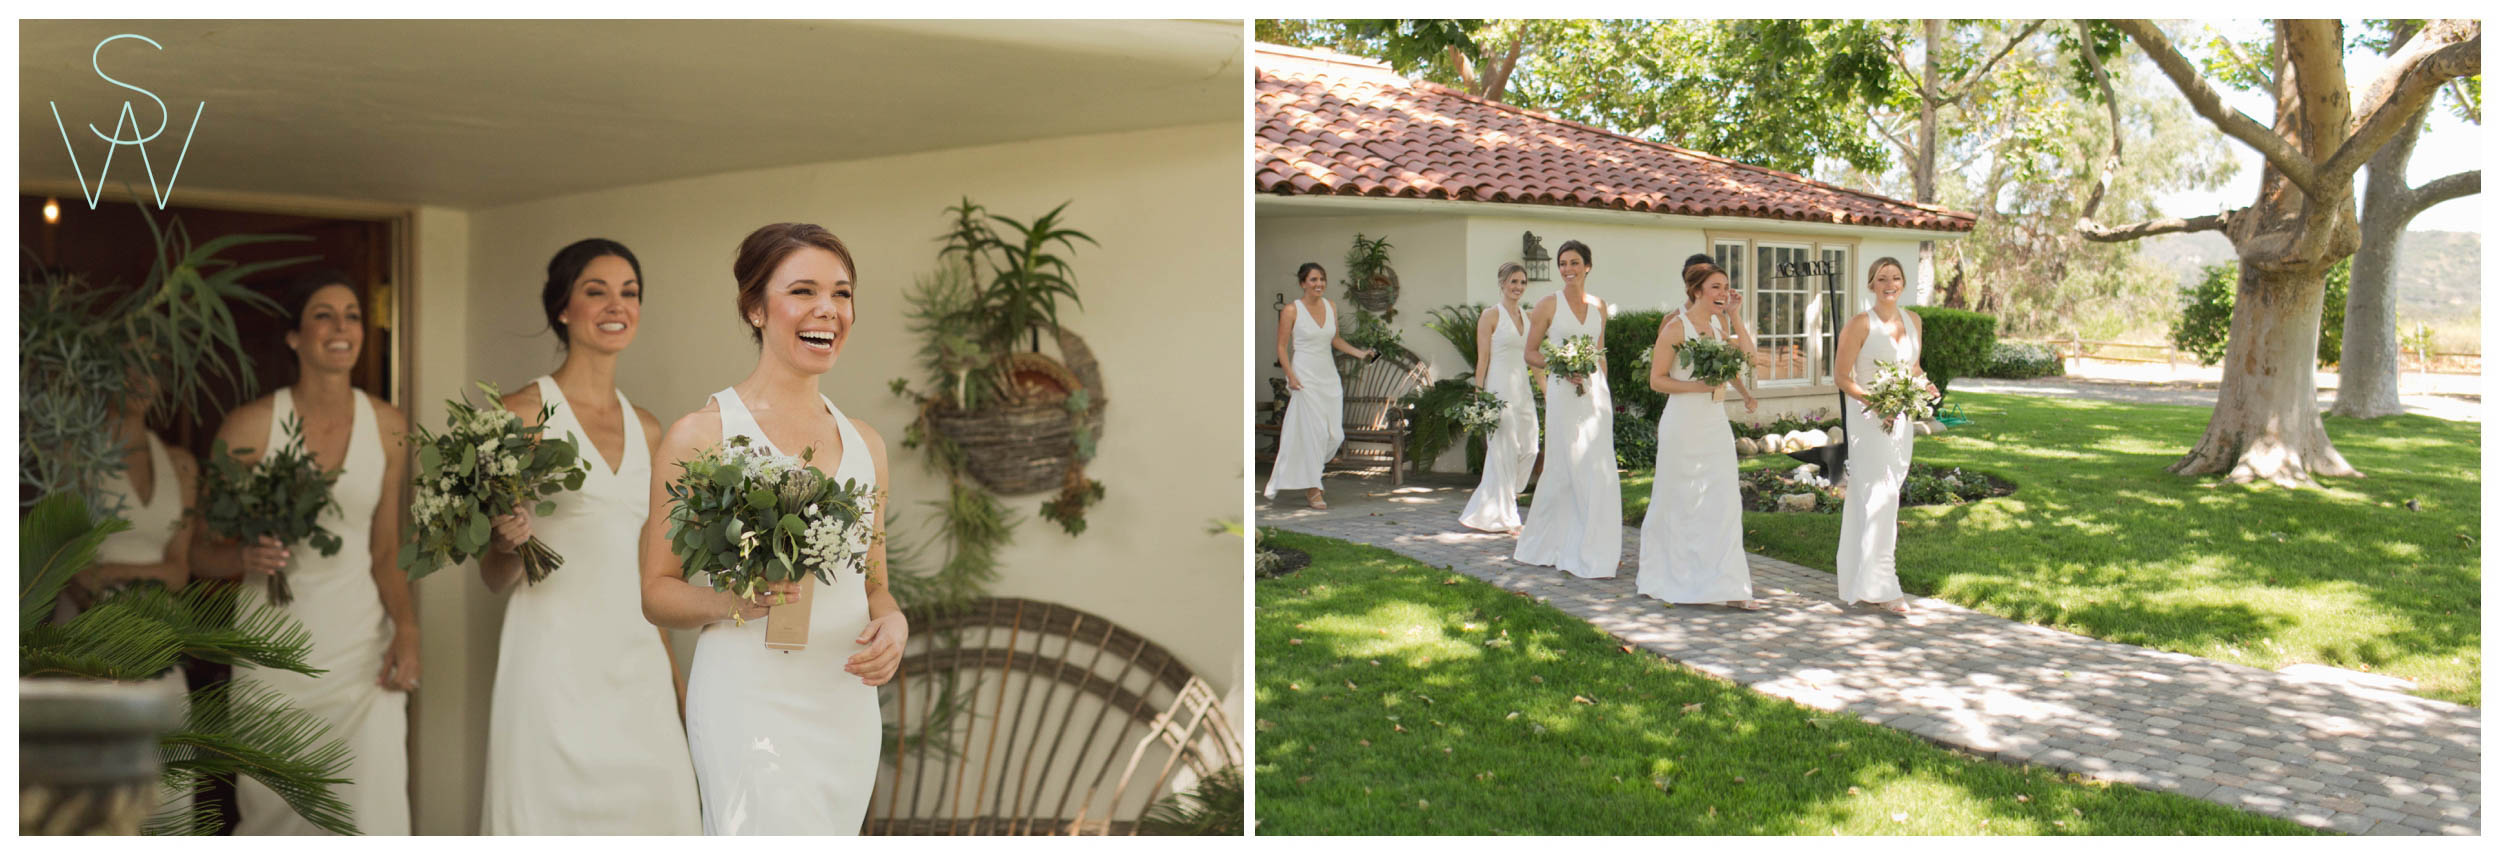 Shewanders.san_.diego_.wedding.photography.private.estate.tara_.jason-3803.jpg.diego_.wedding.photography.private.estate.tara_.jason-380.jpg